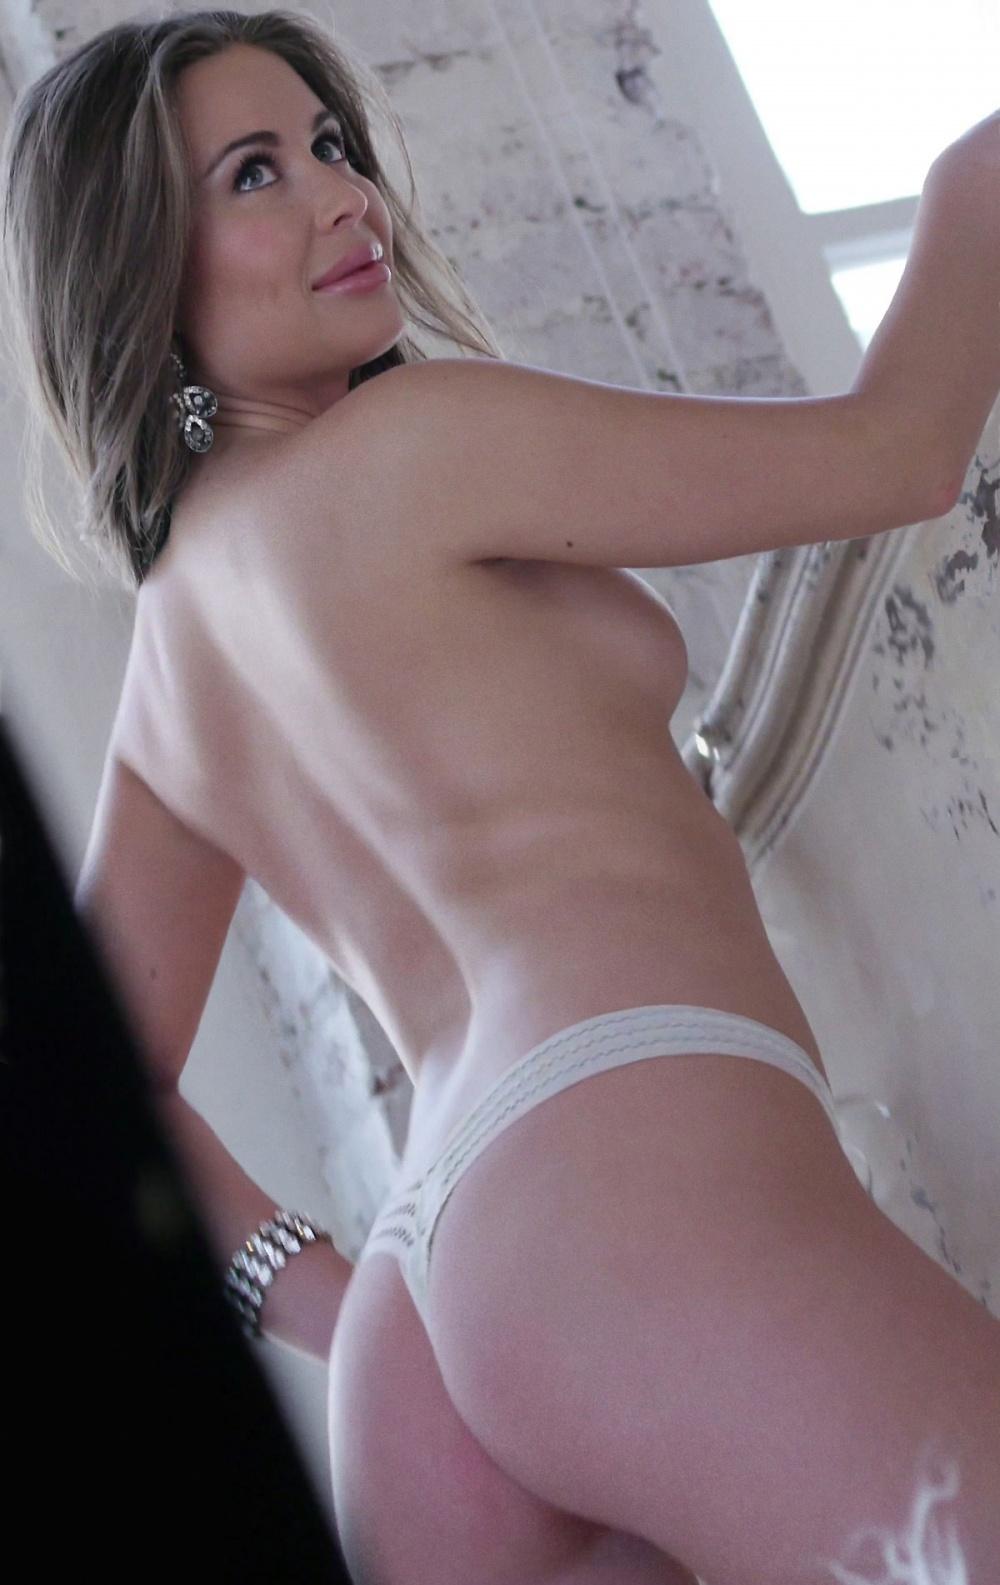 юлия михалкова засветила трусы видео - 4